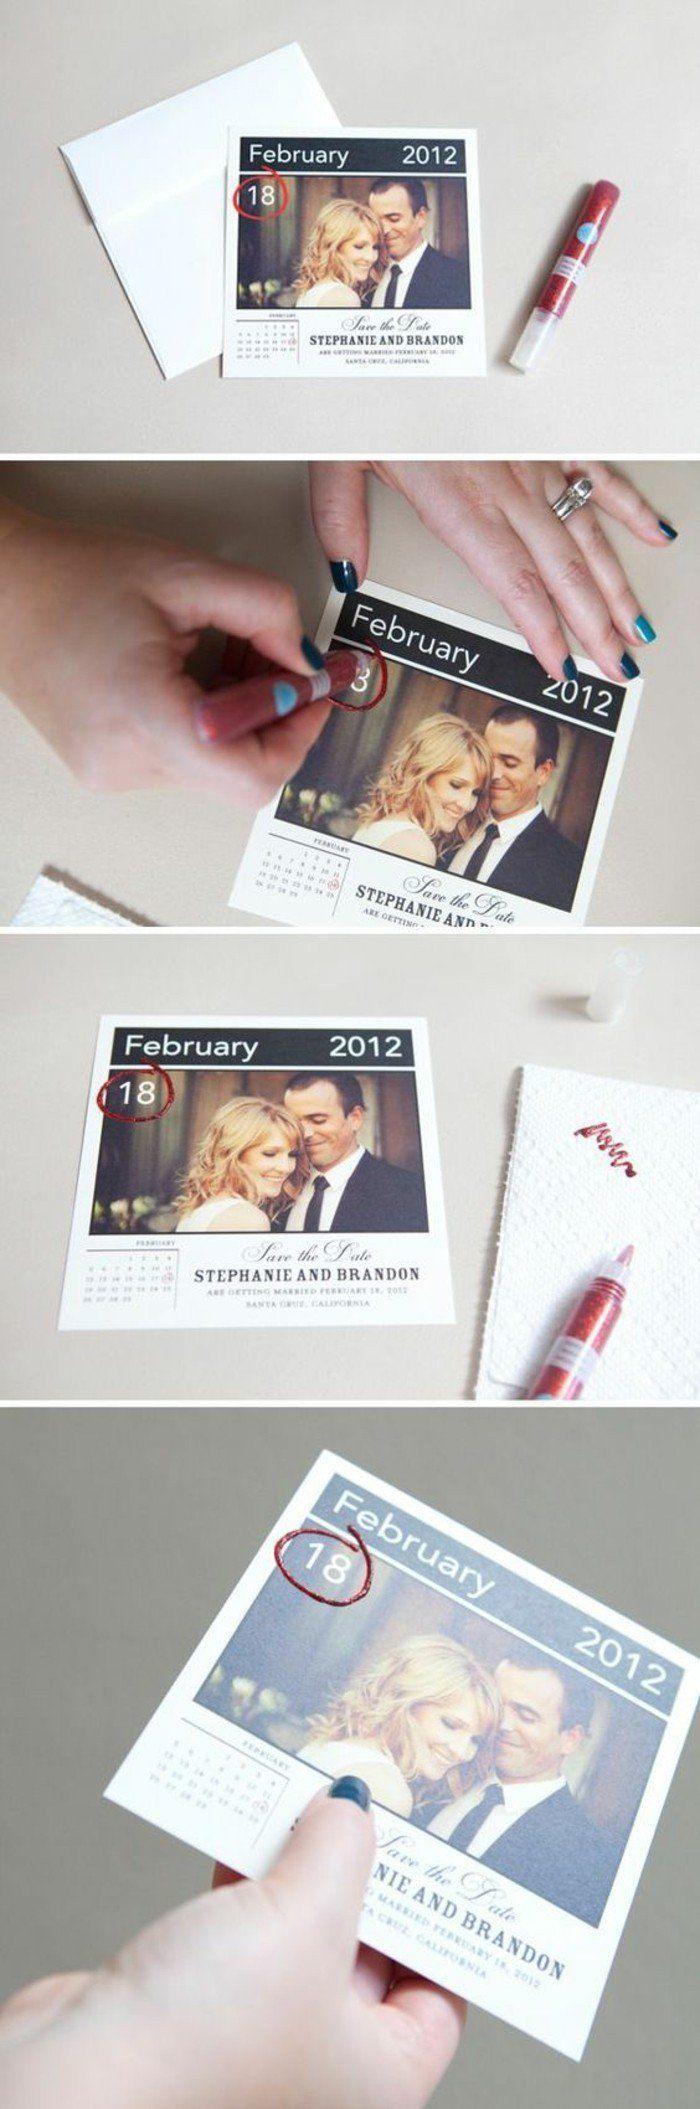 modele faire part mariage avec photos de jeunes mariés, faire part creatif